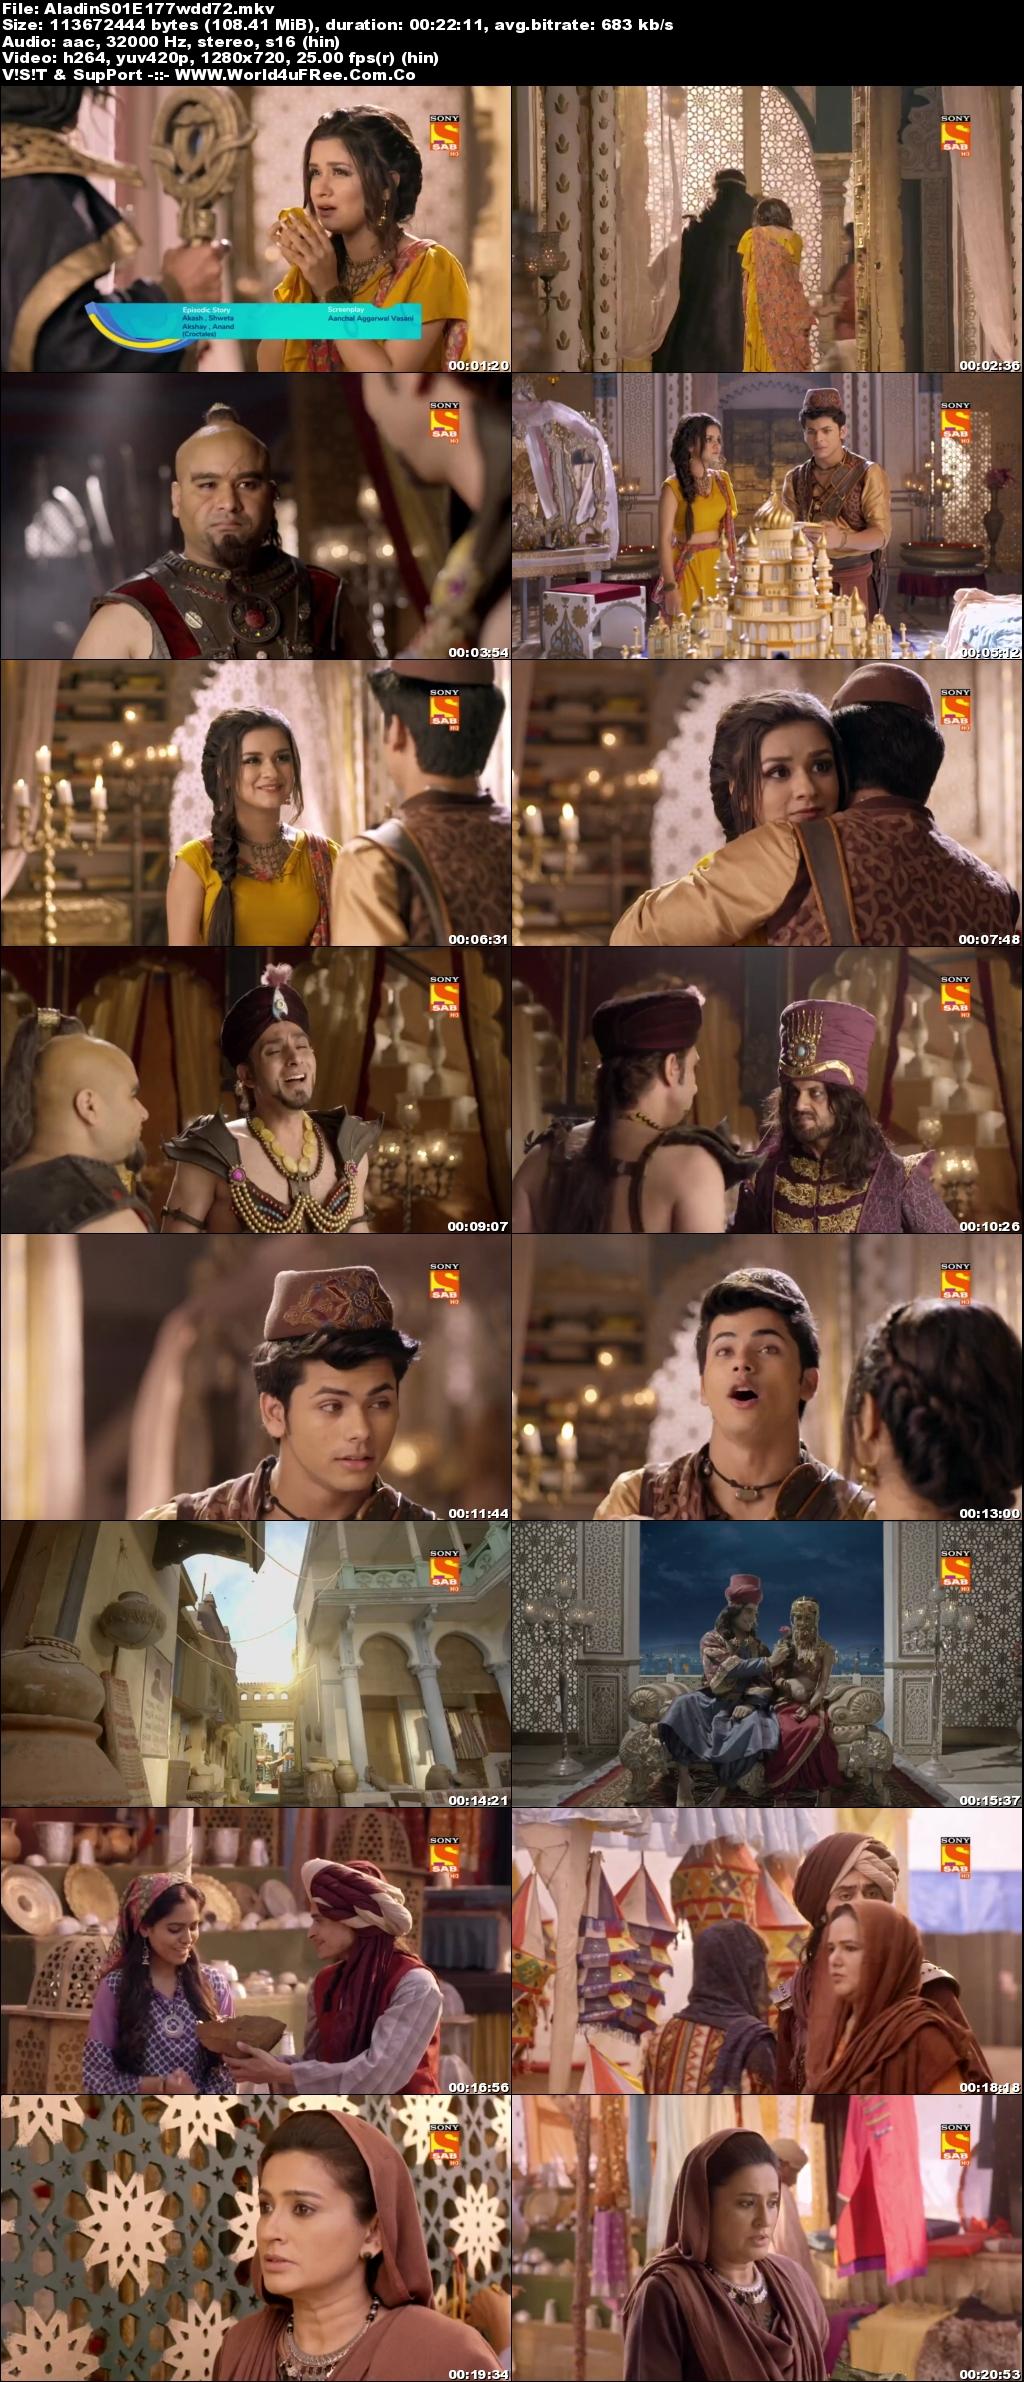 Screenshots Of Hindi Show Aladdin – Naam Toh Suna Hoga 2019 Episode 173 300MB 720P HD